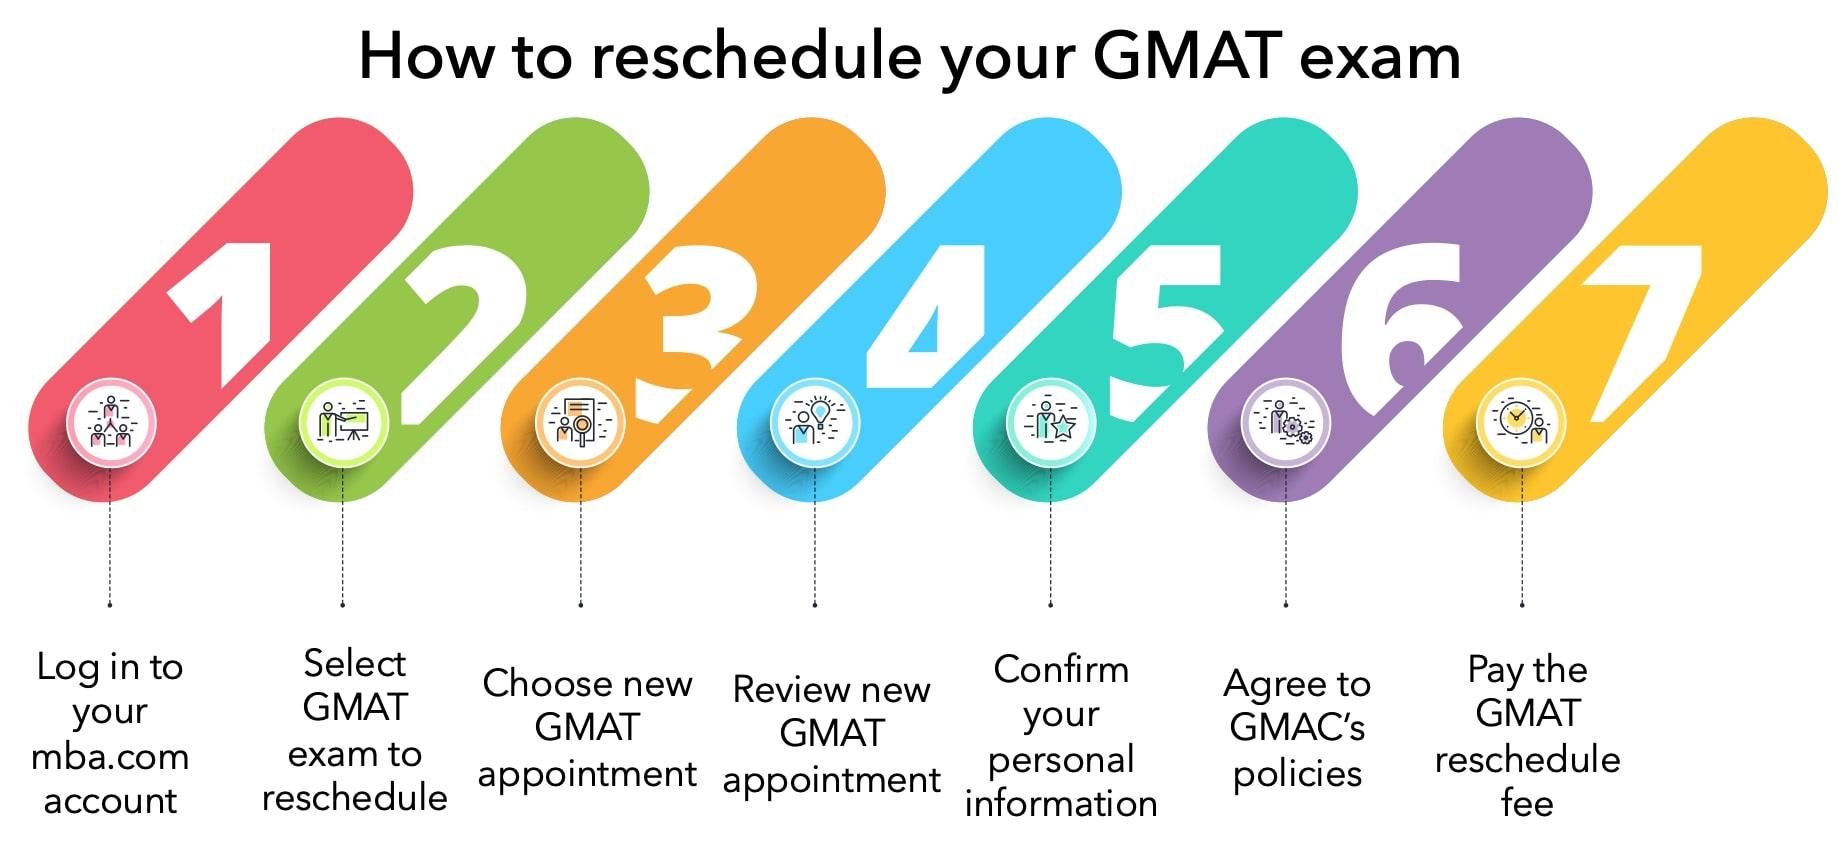 How to reschedule GMAT exam